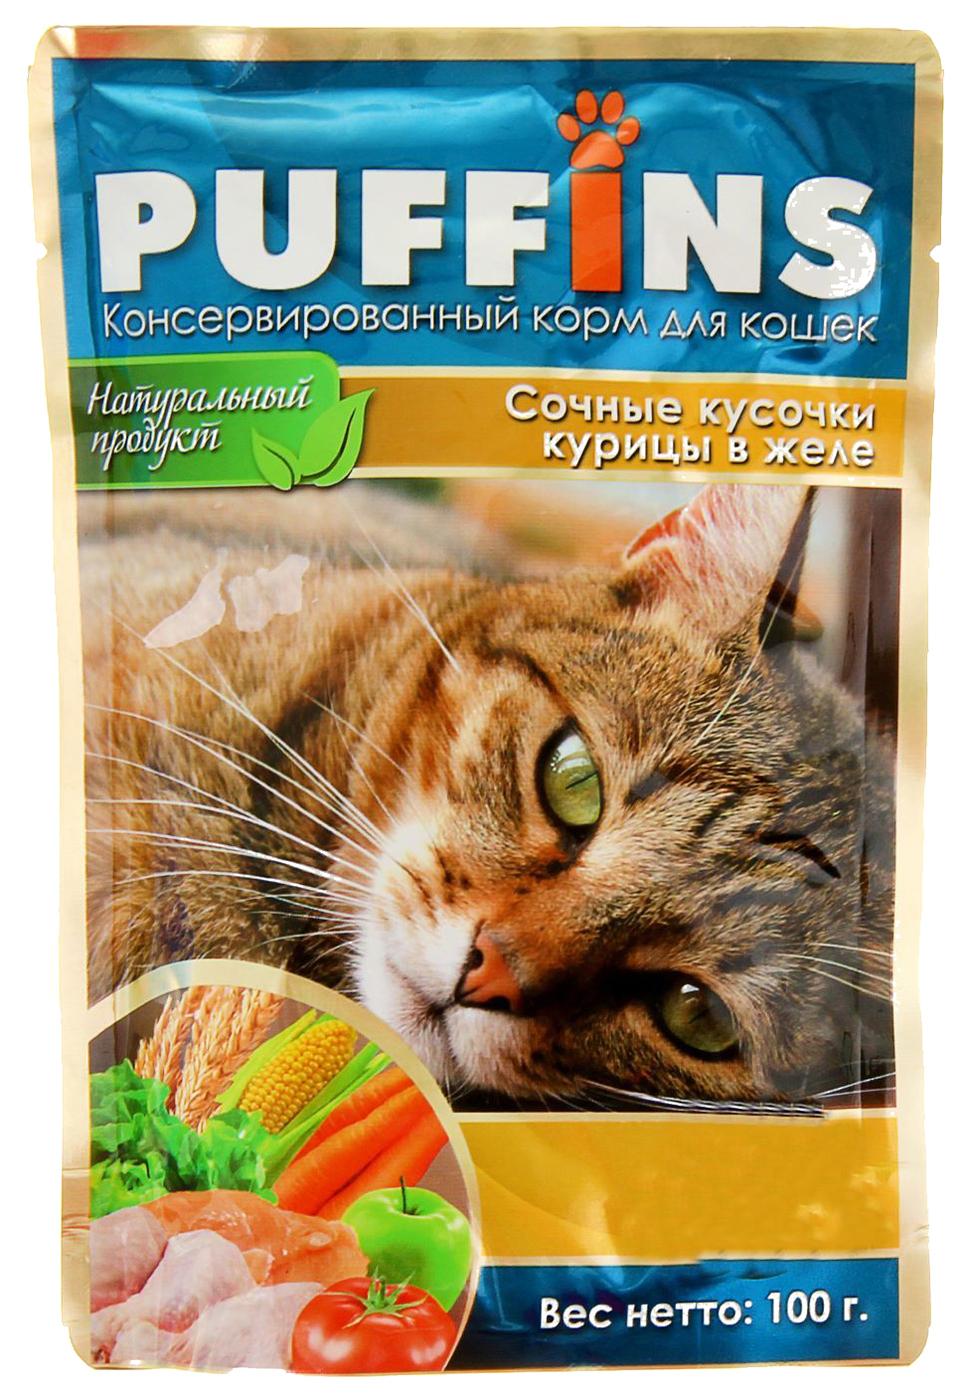 Puffins консерв. 100г для кошек в ЖЕЛЕ Курица кус-ки (дой-пак) 124